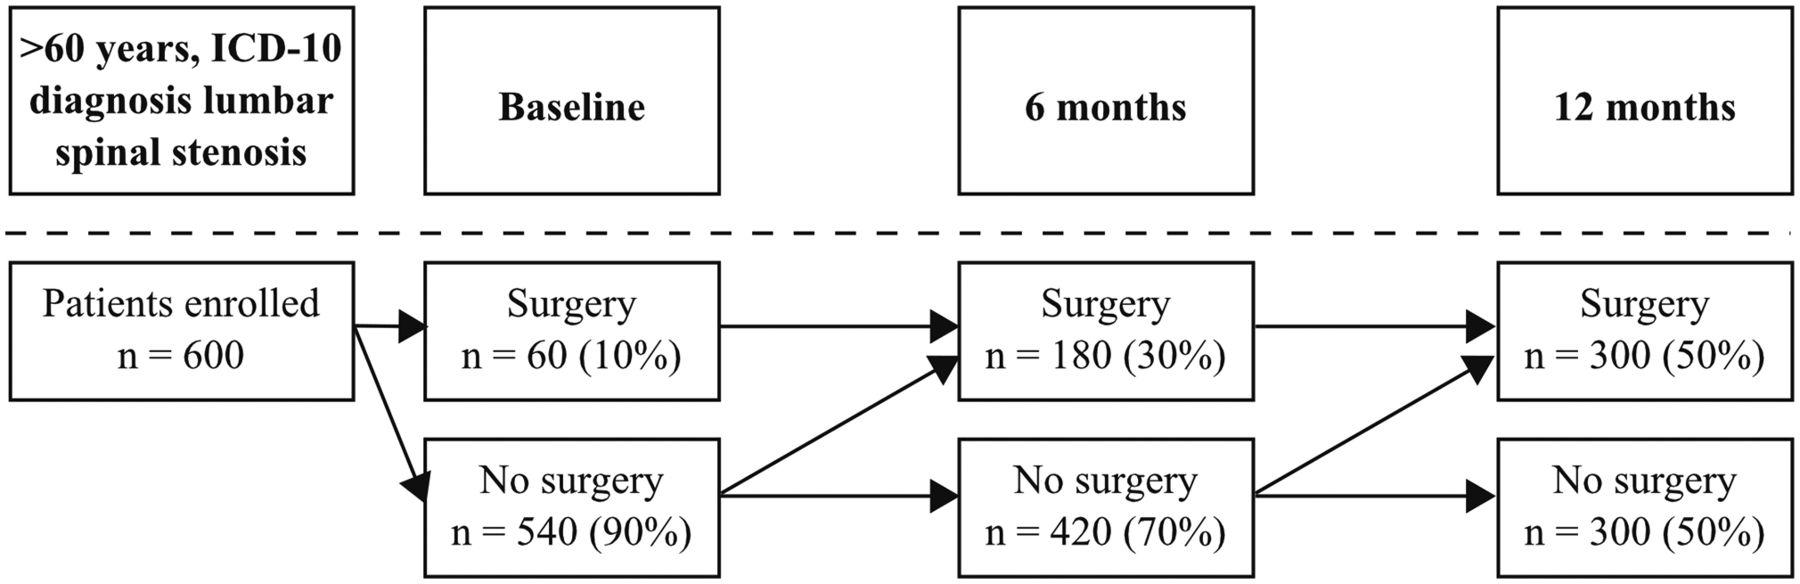 Comparative effectiveness and prognostic factors for outcome